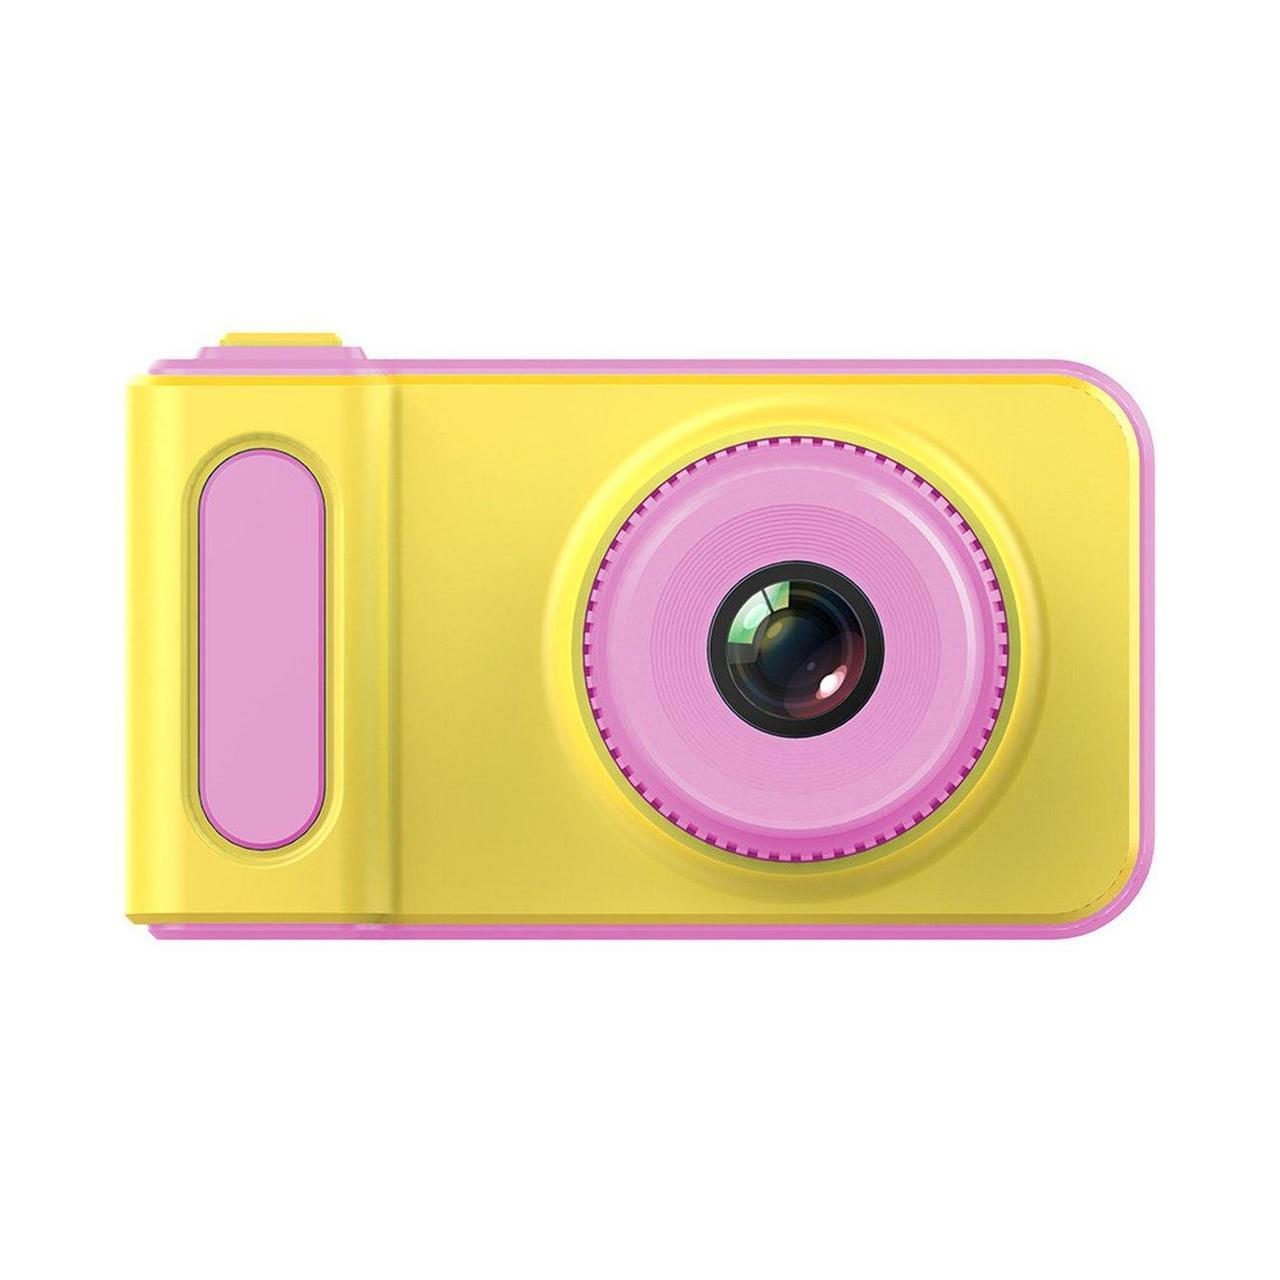 Дропшиппинг. Цифровой детский фотоаппарат розовый Summer Vacation Smart Kids Camera Фото и Видеосъёмка